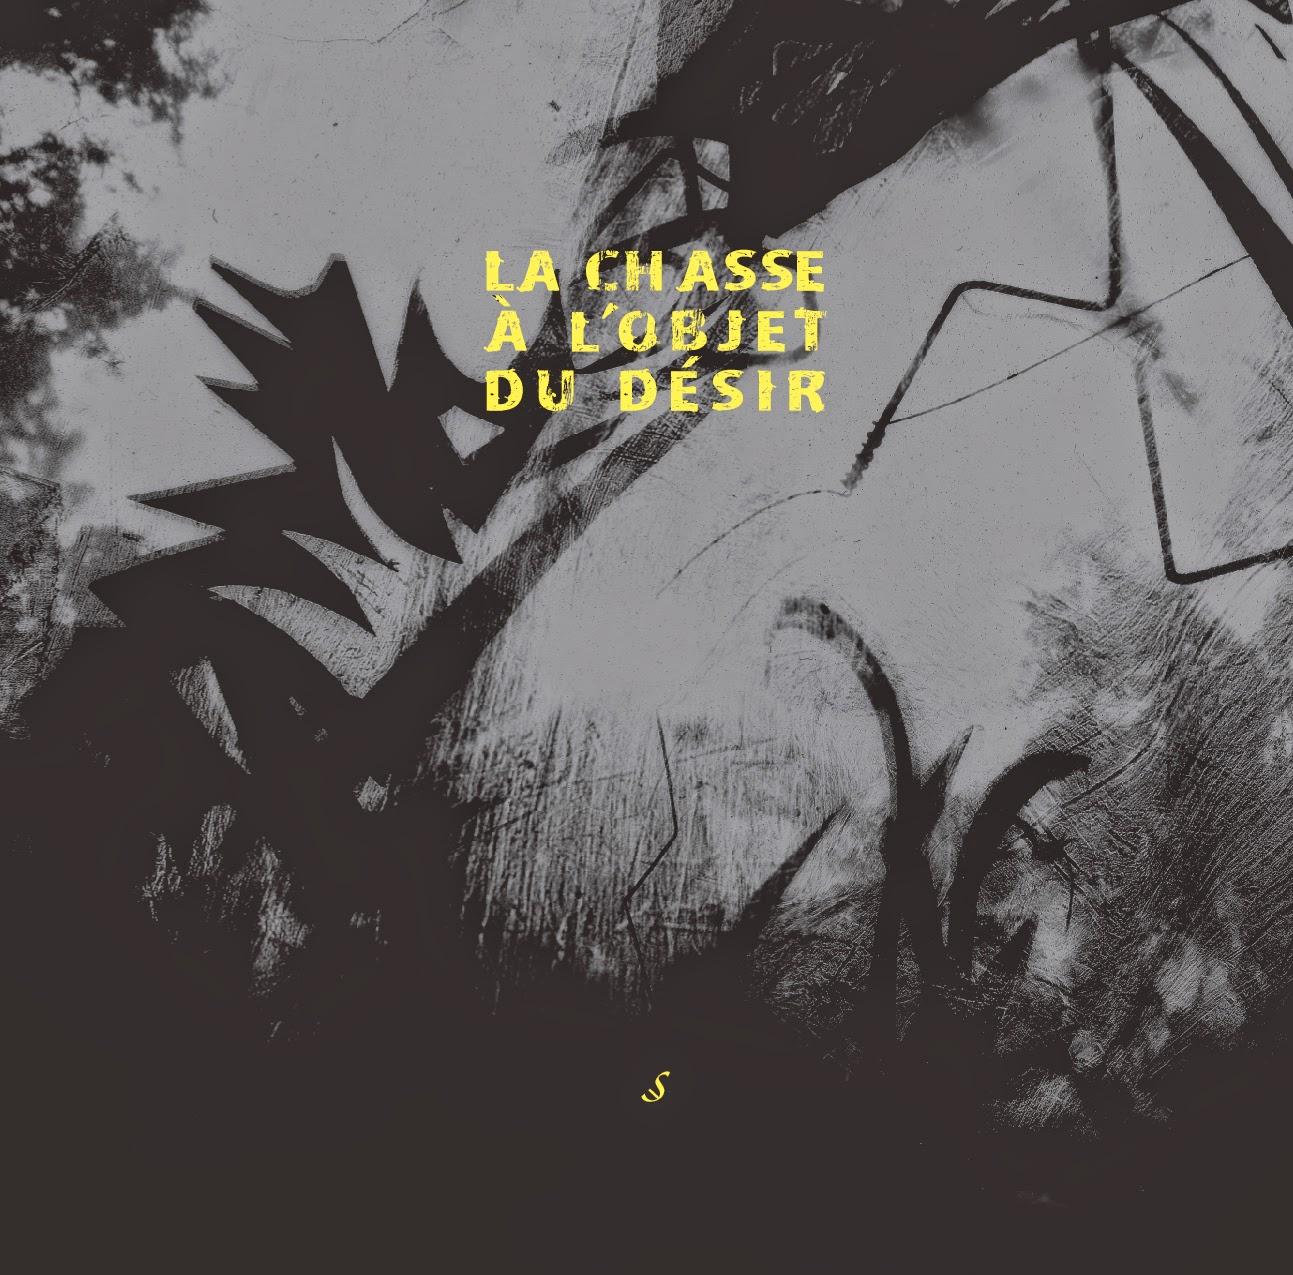 EXPOSITION COLLECTIVE INTERNATIONALE « LA CHASSE À L'OBJET DU DÉSIR » du 5 au 17 JUIN 2014